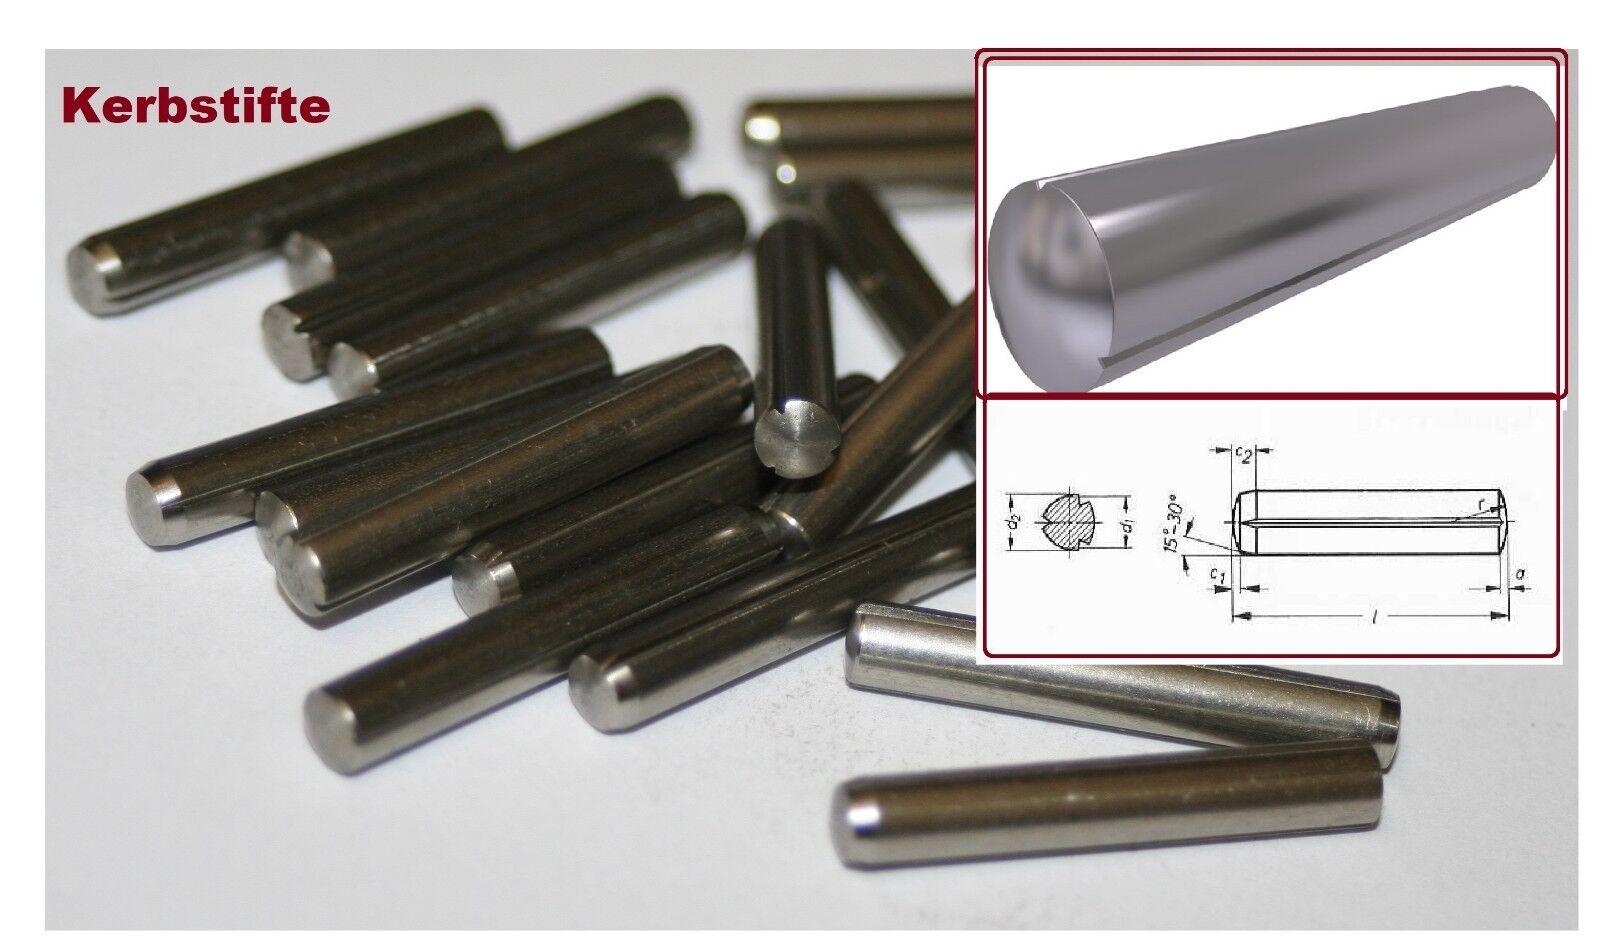 10 Stk Kerbstifte 5 x 32 DIN 1473 ISO 8740